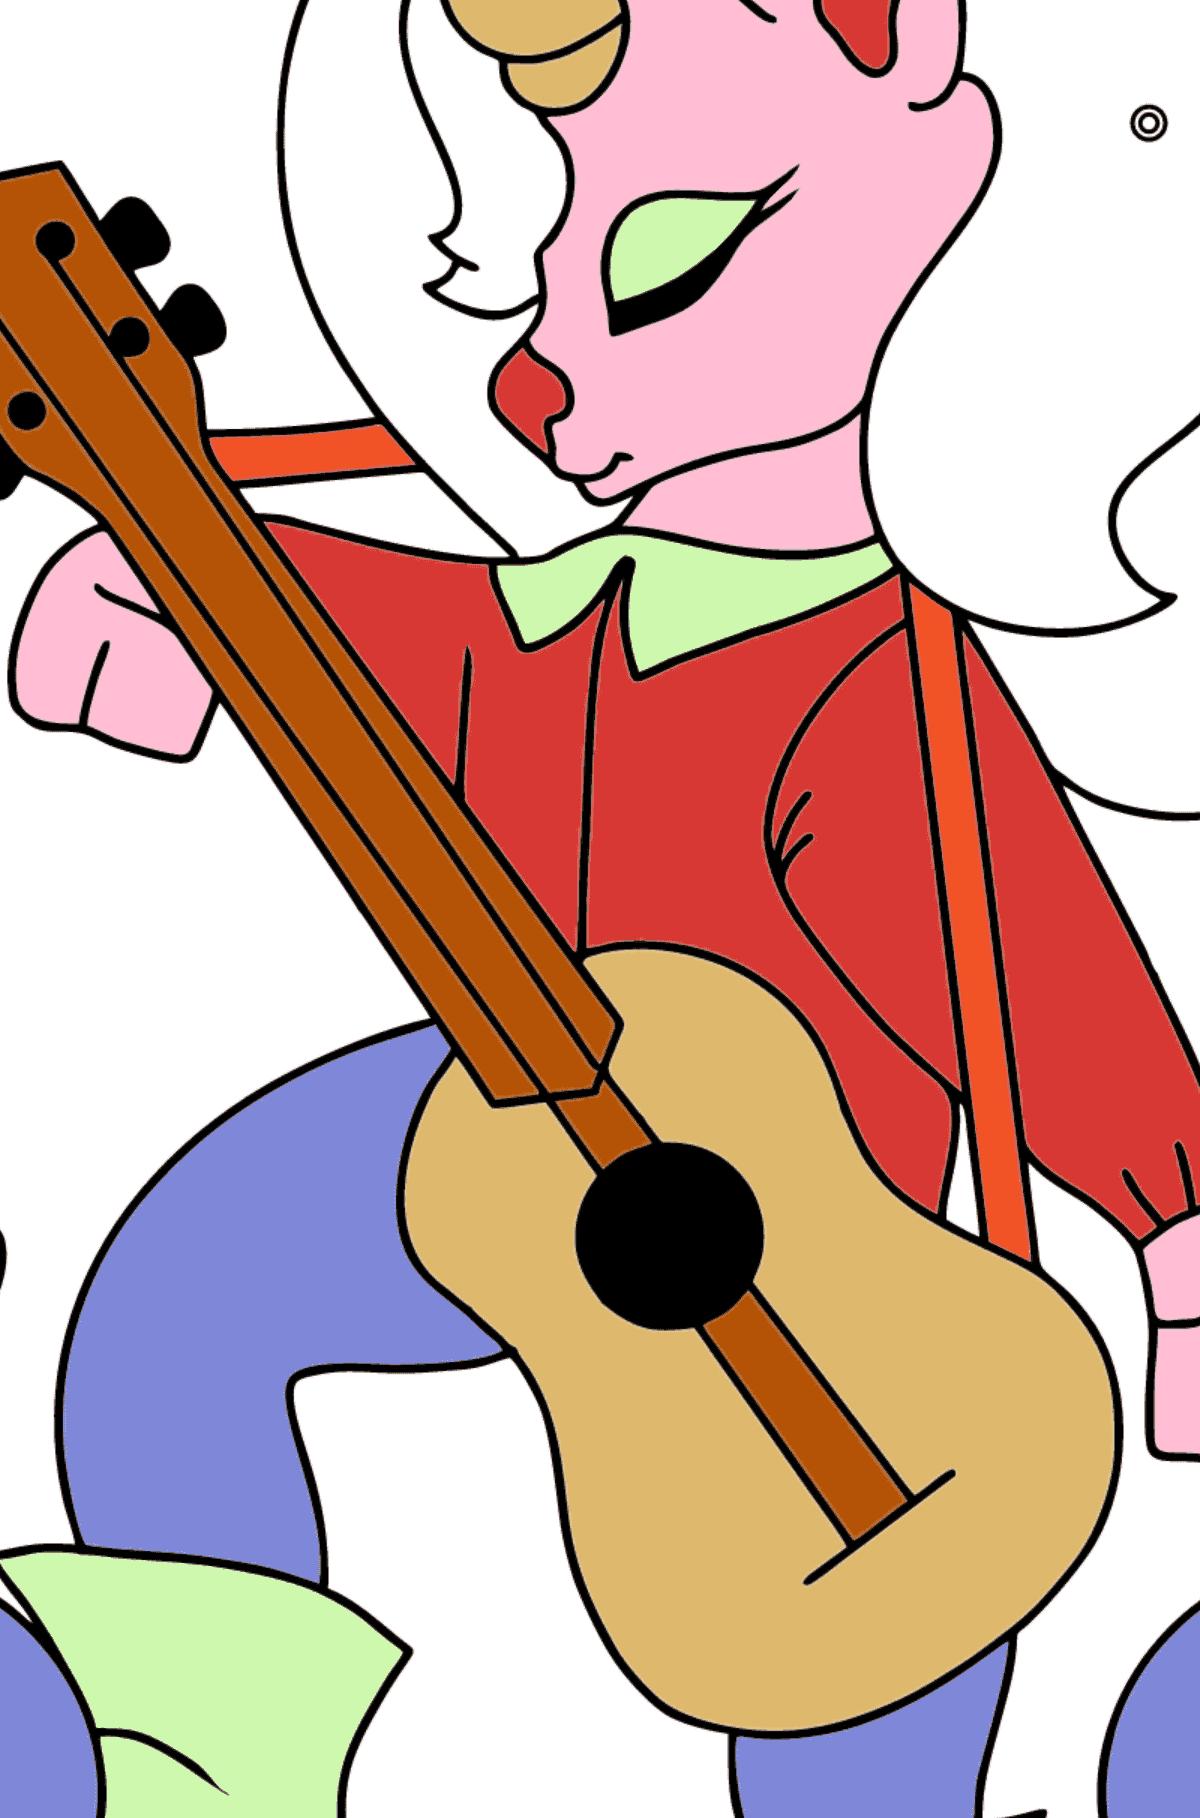 Einfache Ausmalseite - Ein Einhorn mit einer Gitarre